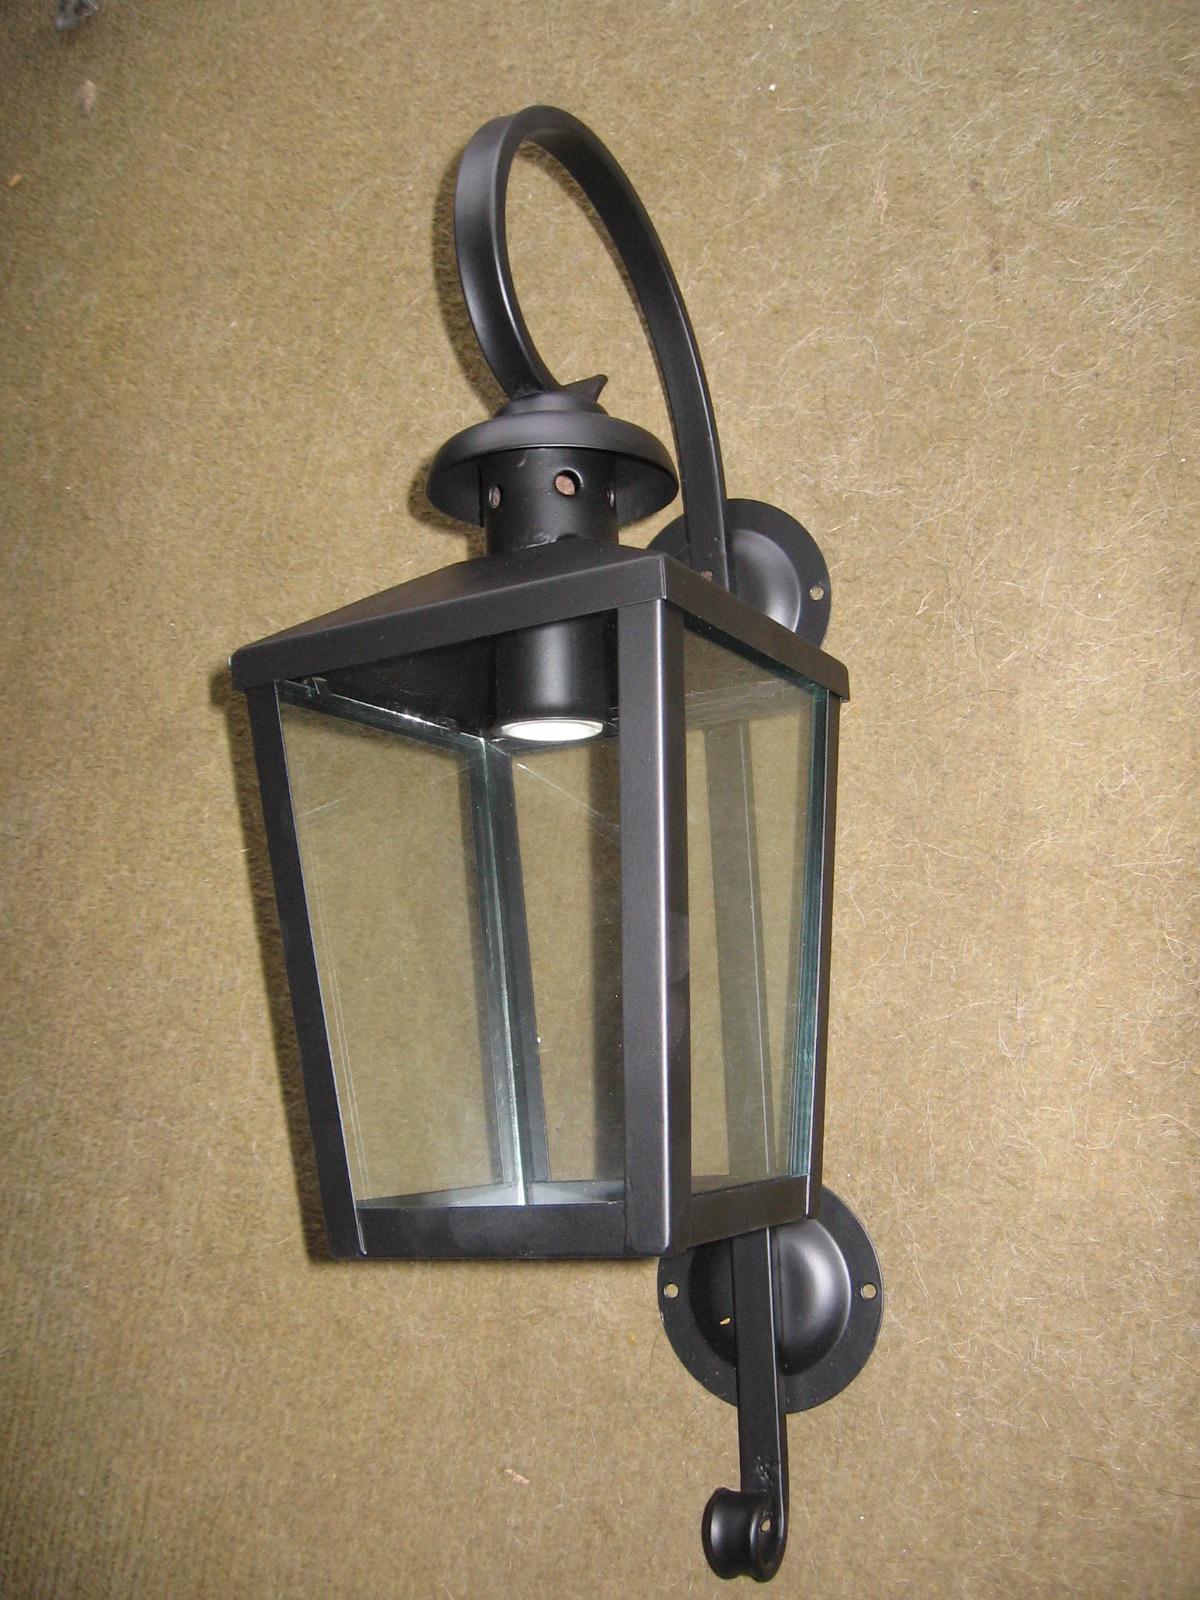 Outlet iluminacion interior ofertas outlet exterior for Faroles de iluminacion exterior